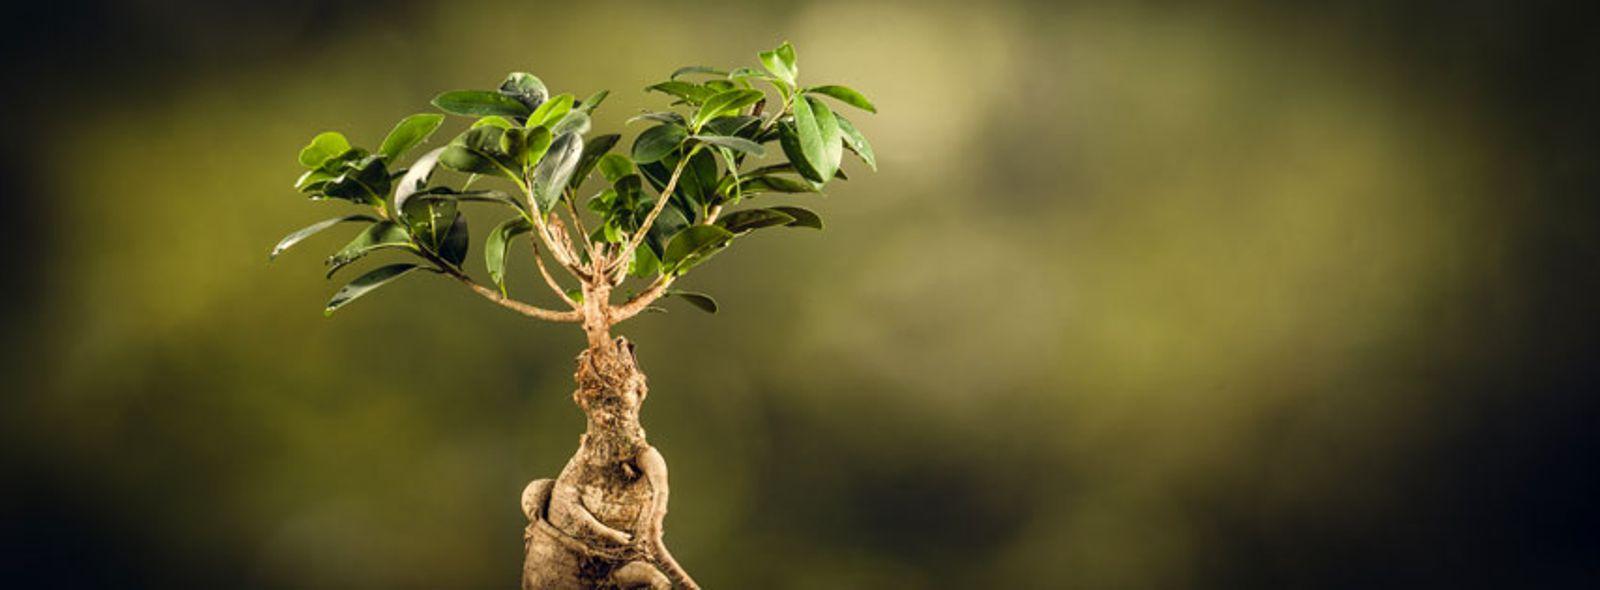 Come si cura il bonsai da interno